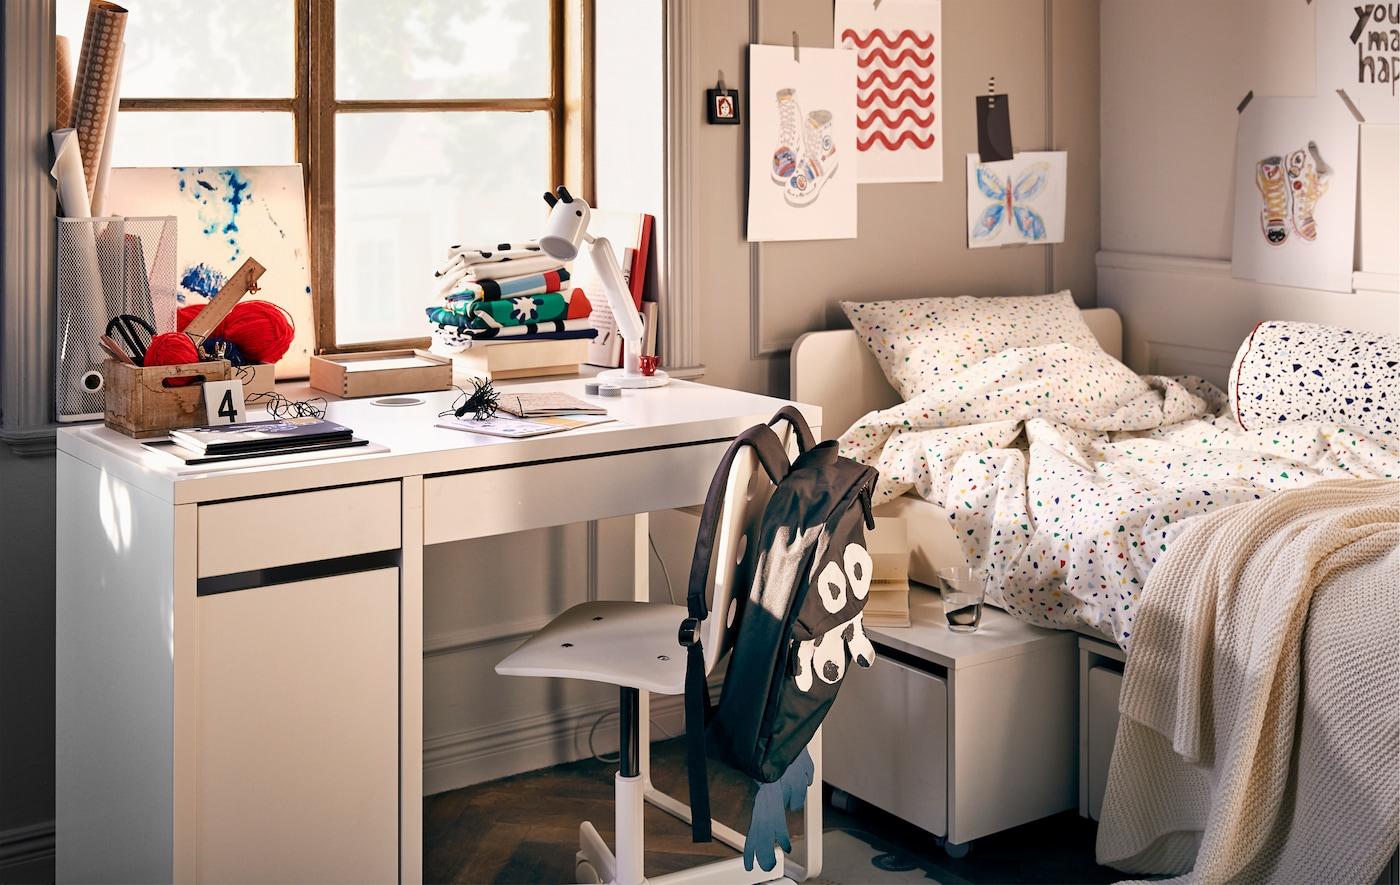 Cameretta con letto, disegni e un angolo studio composto da una scrivania MICKE, una sedia girevole e una lampada KRUX - IKEA